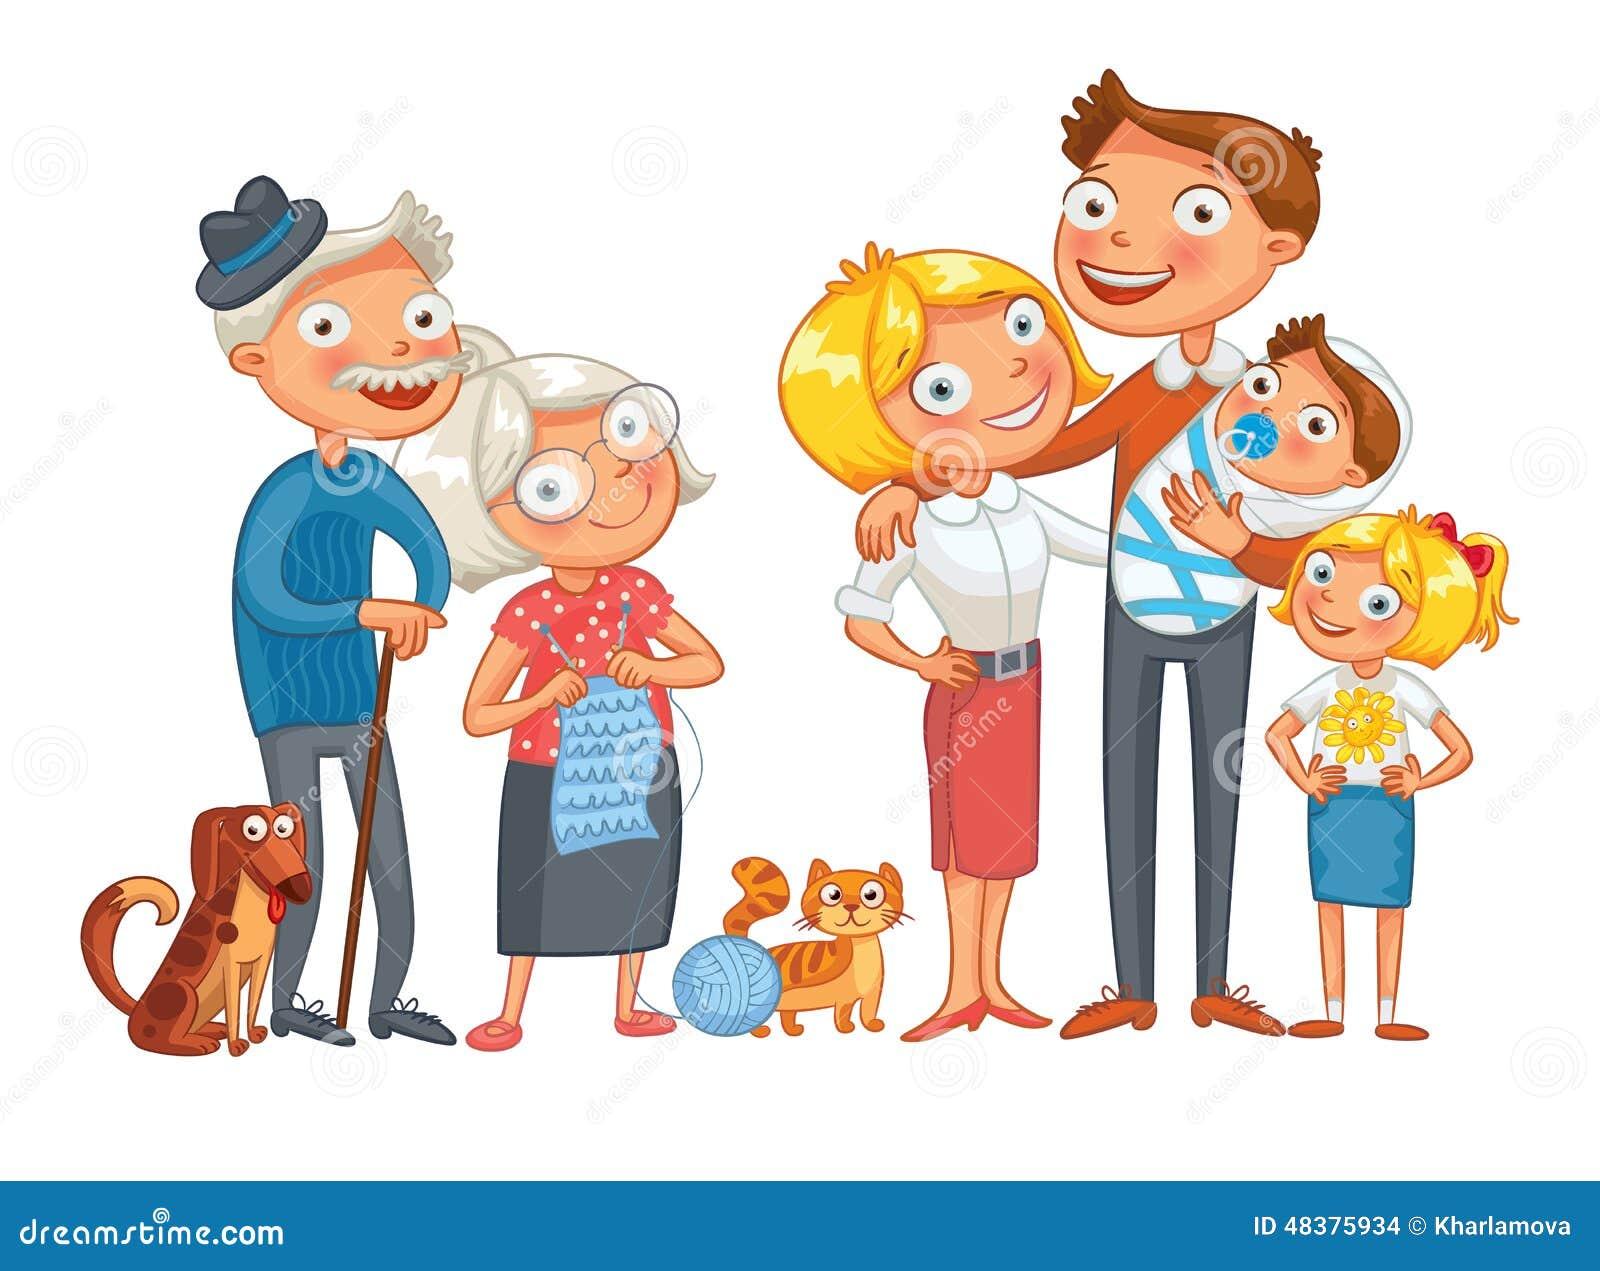 Картинка семьи нарисованная